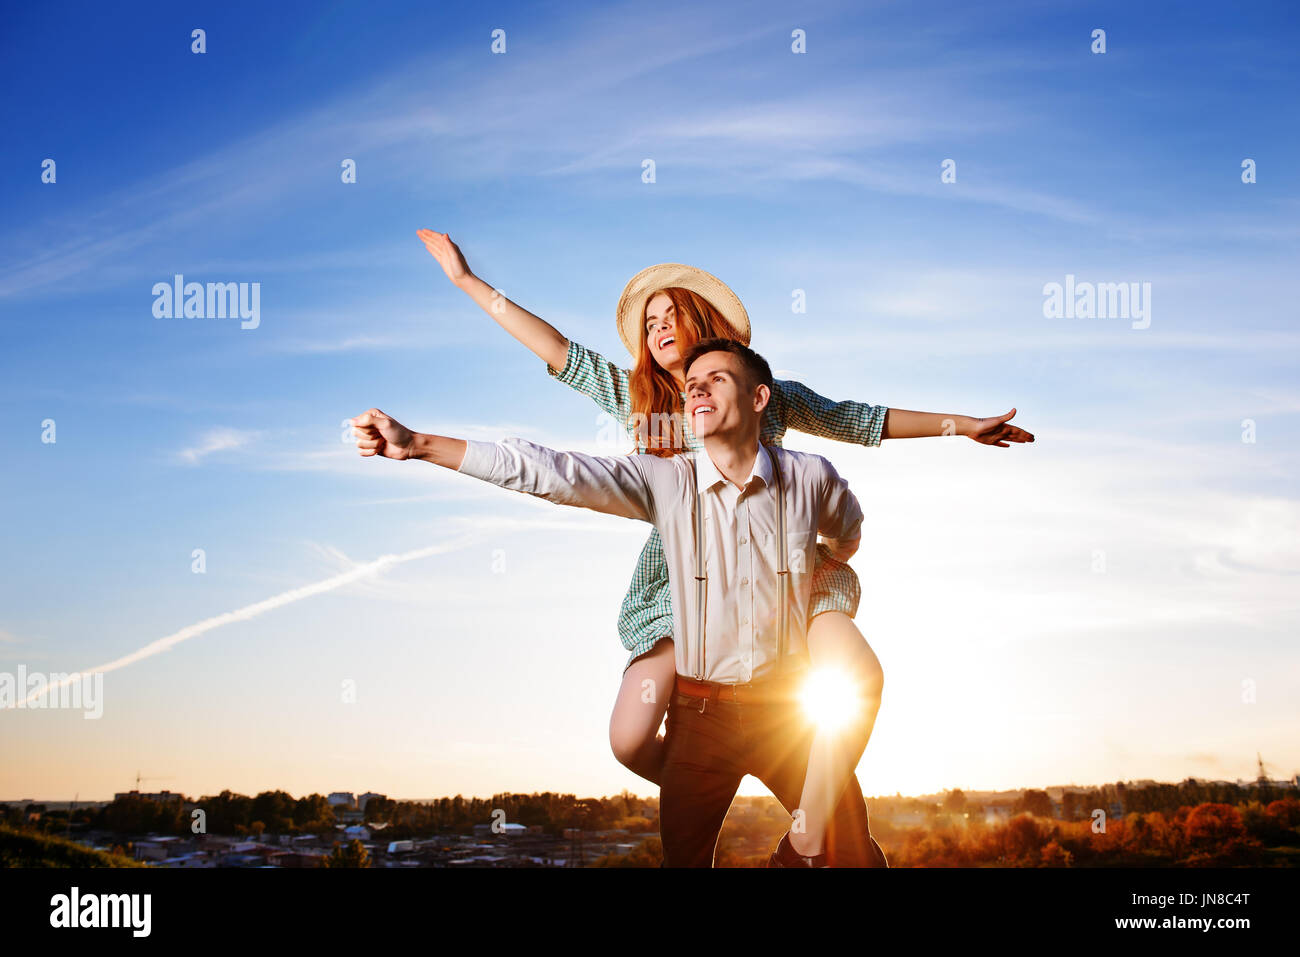 Joven sumarse alegre novia como avión en el fondo del cielo. Imagen De Stock